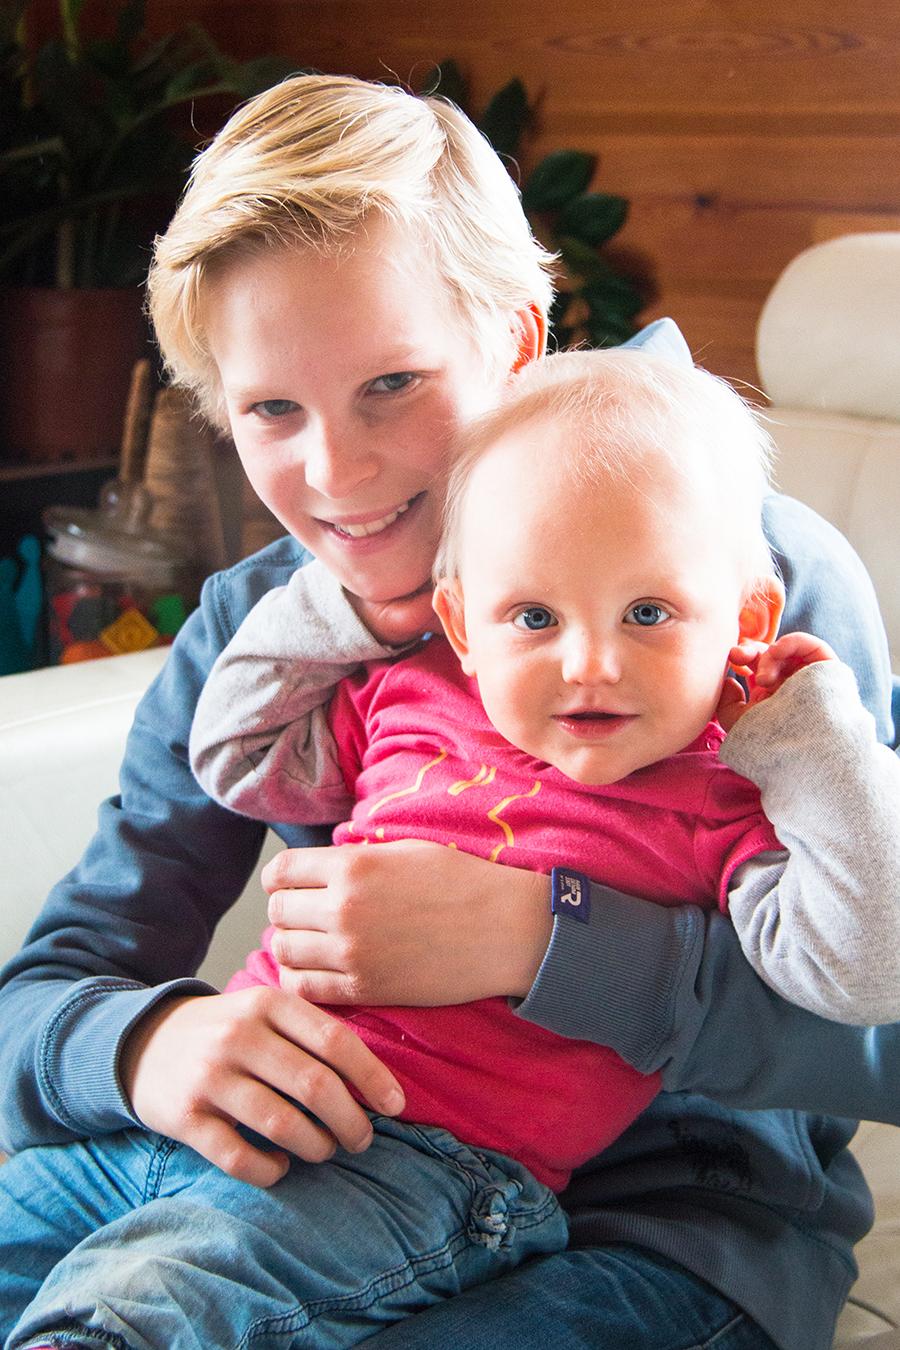 Grootste neef en kleinste nichtje